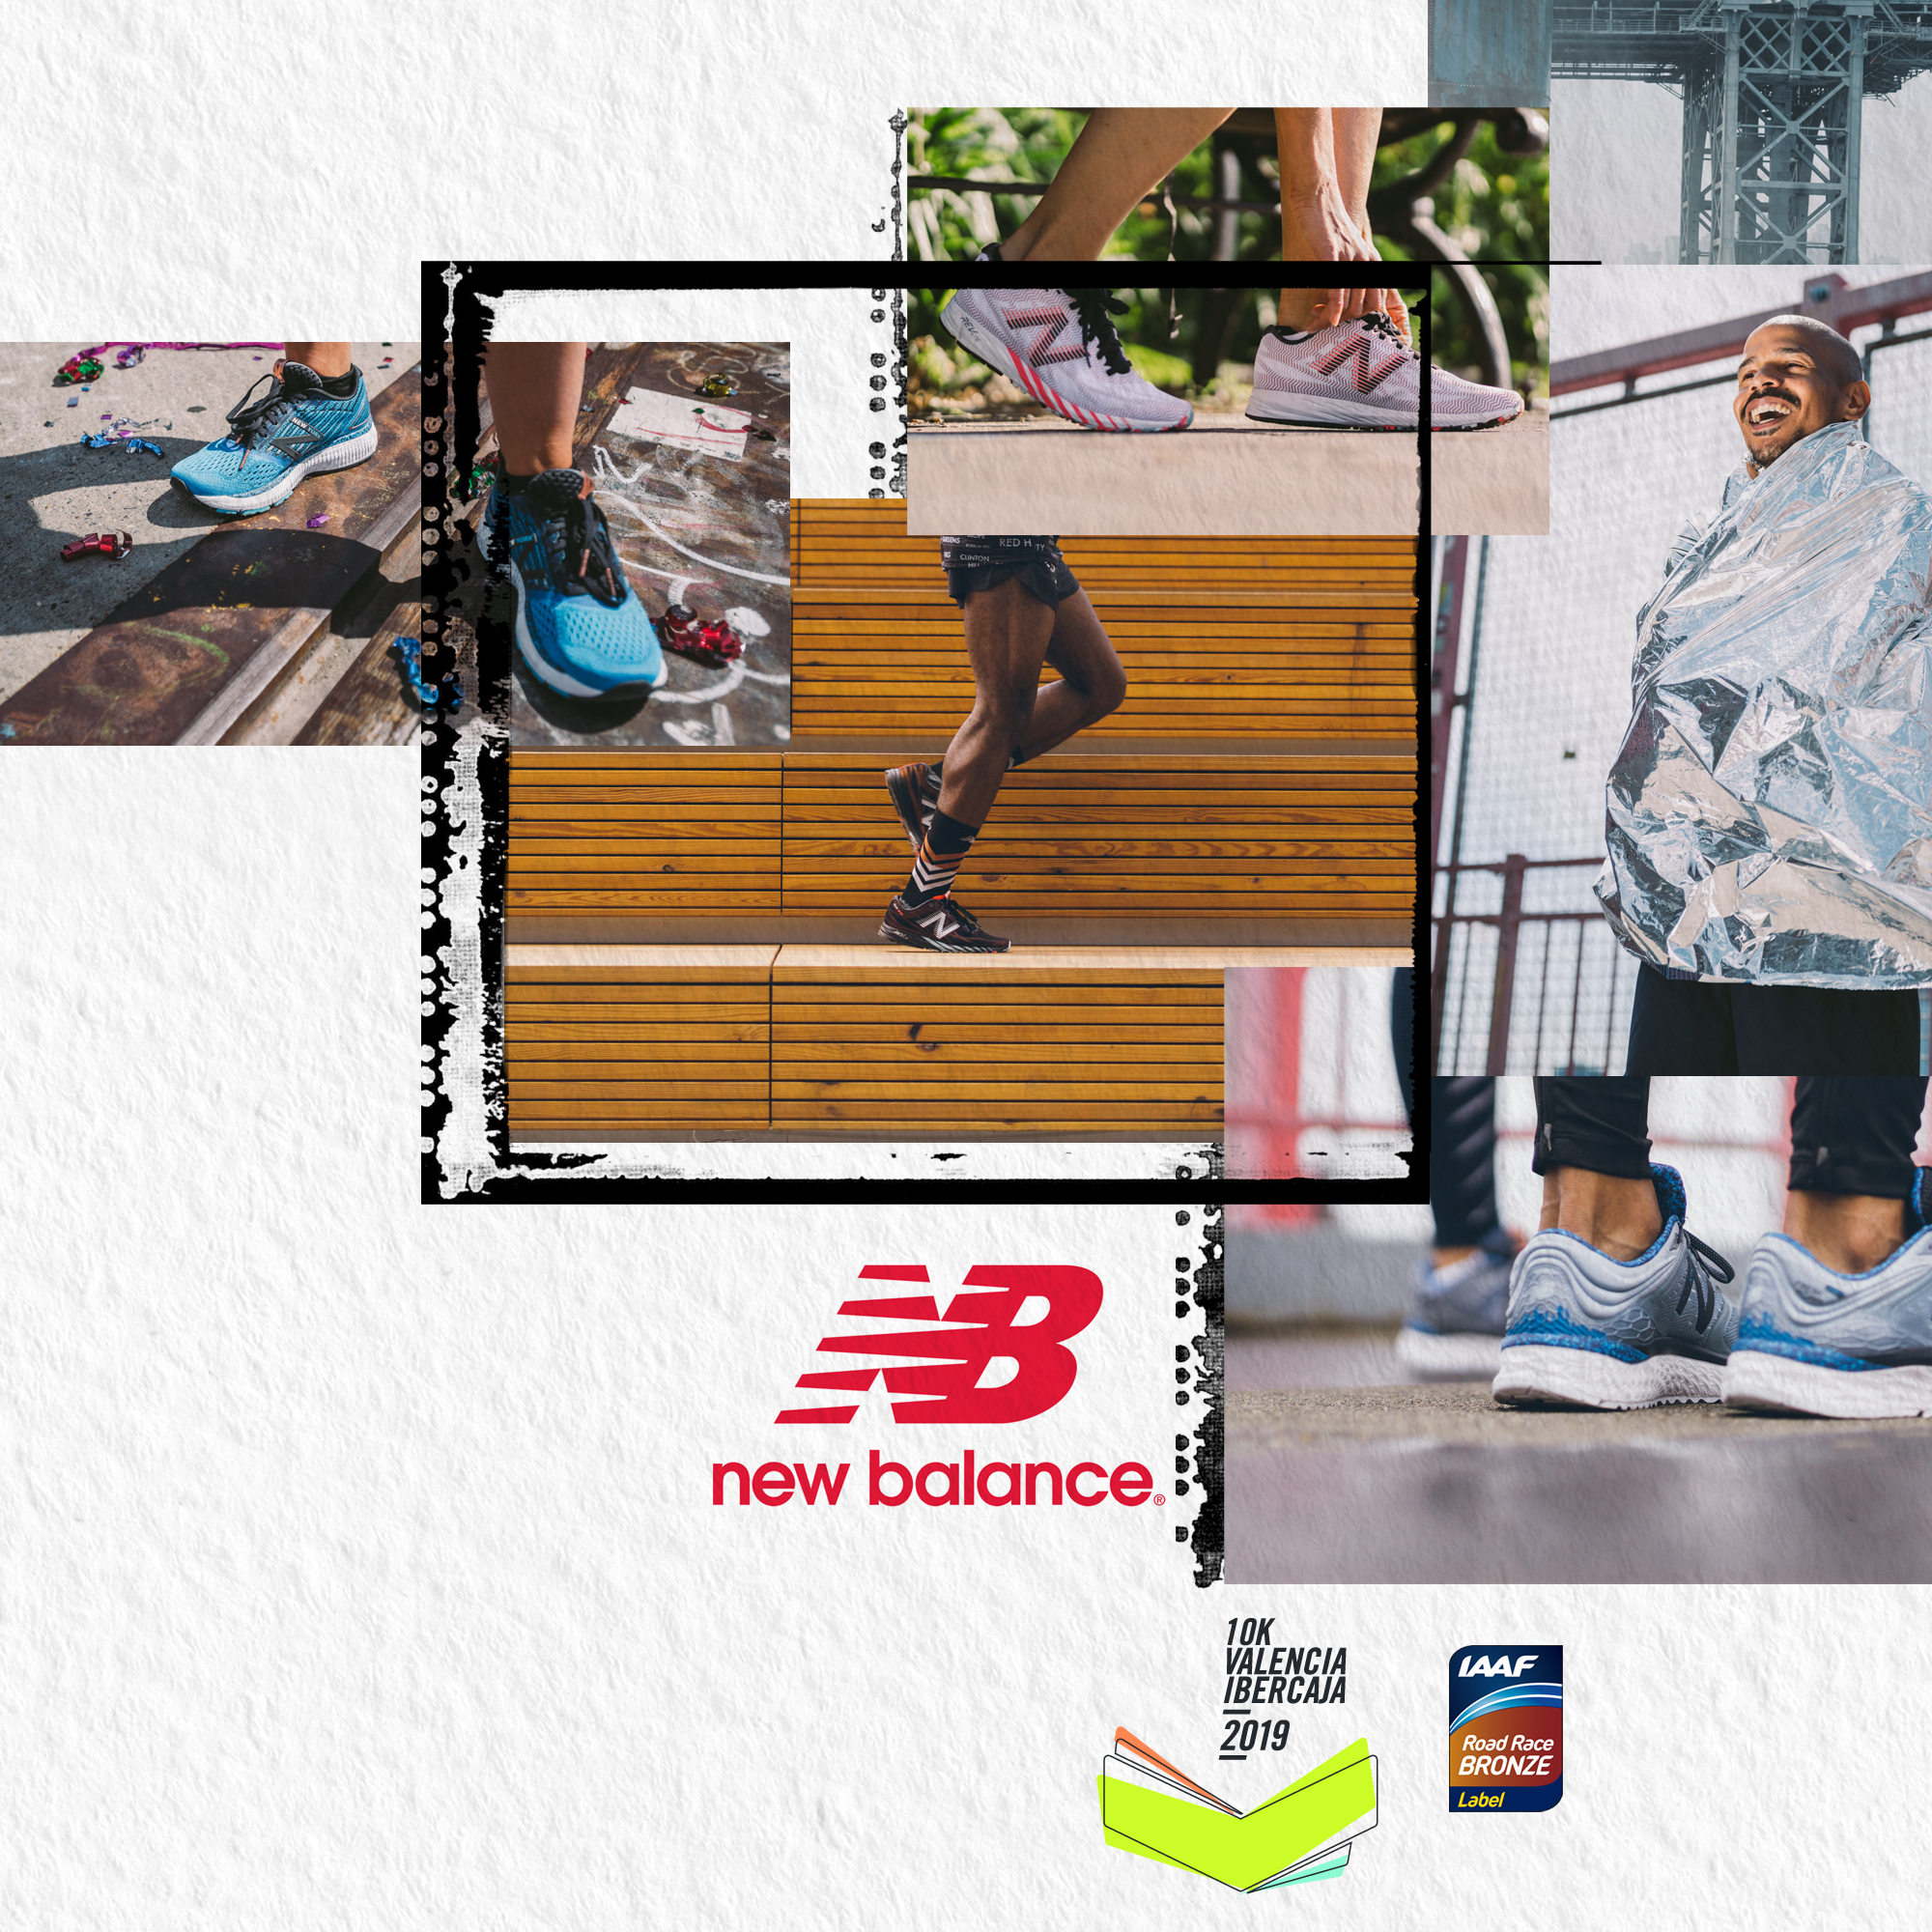 New Balance Marca oficial 10K Valencia